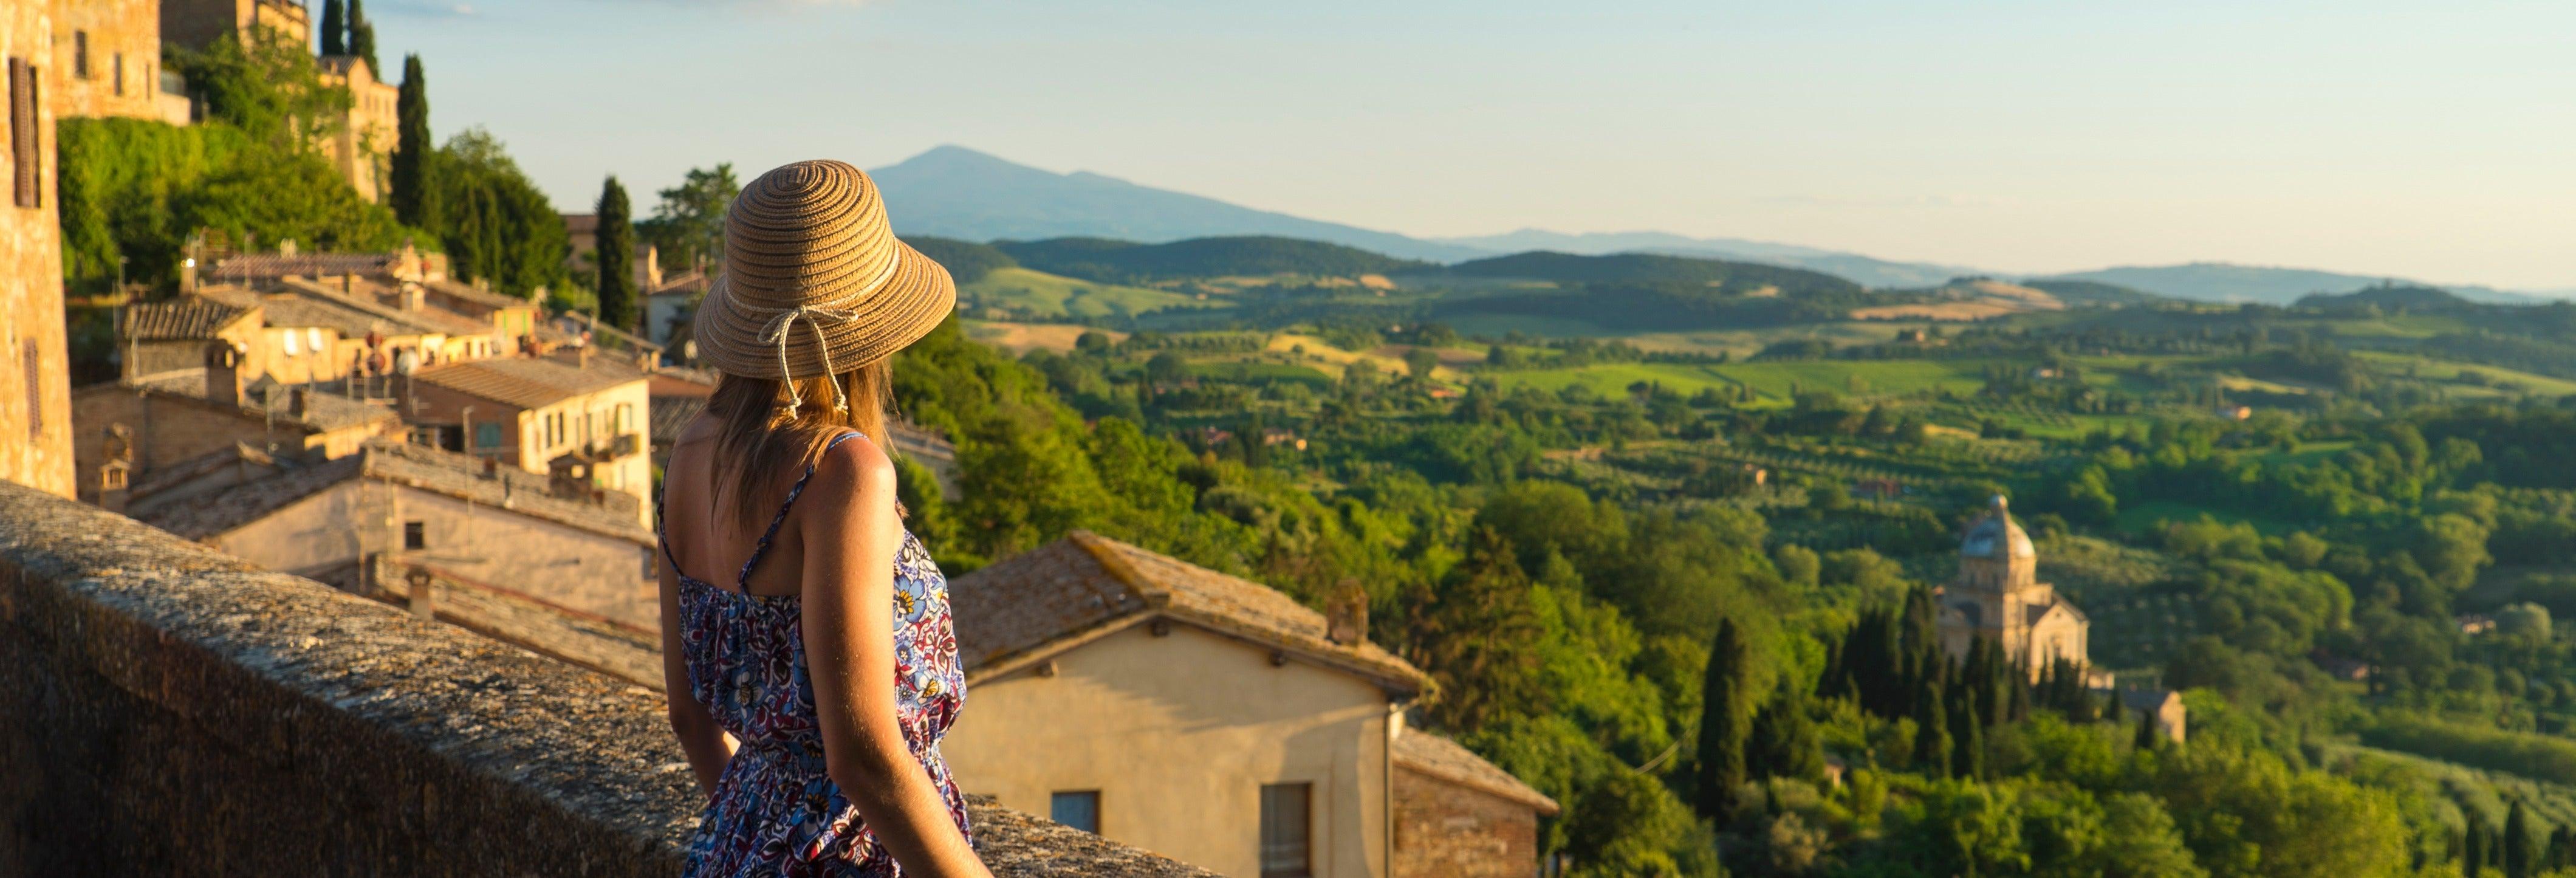 Escursione a Montalcino, Pienza e Montepulciano